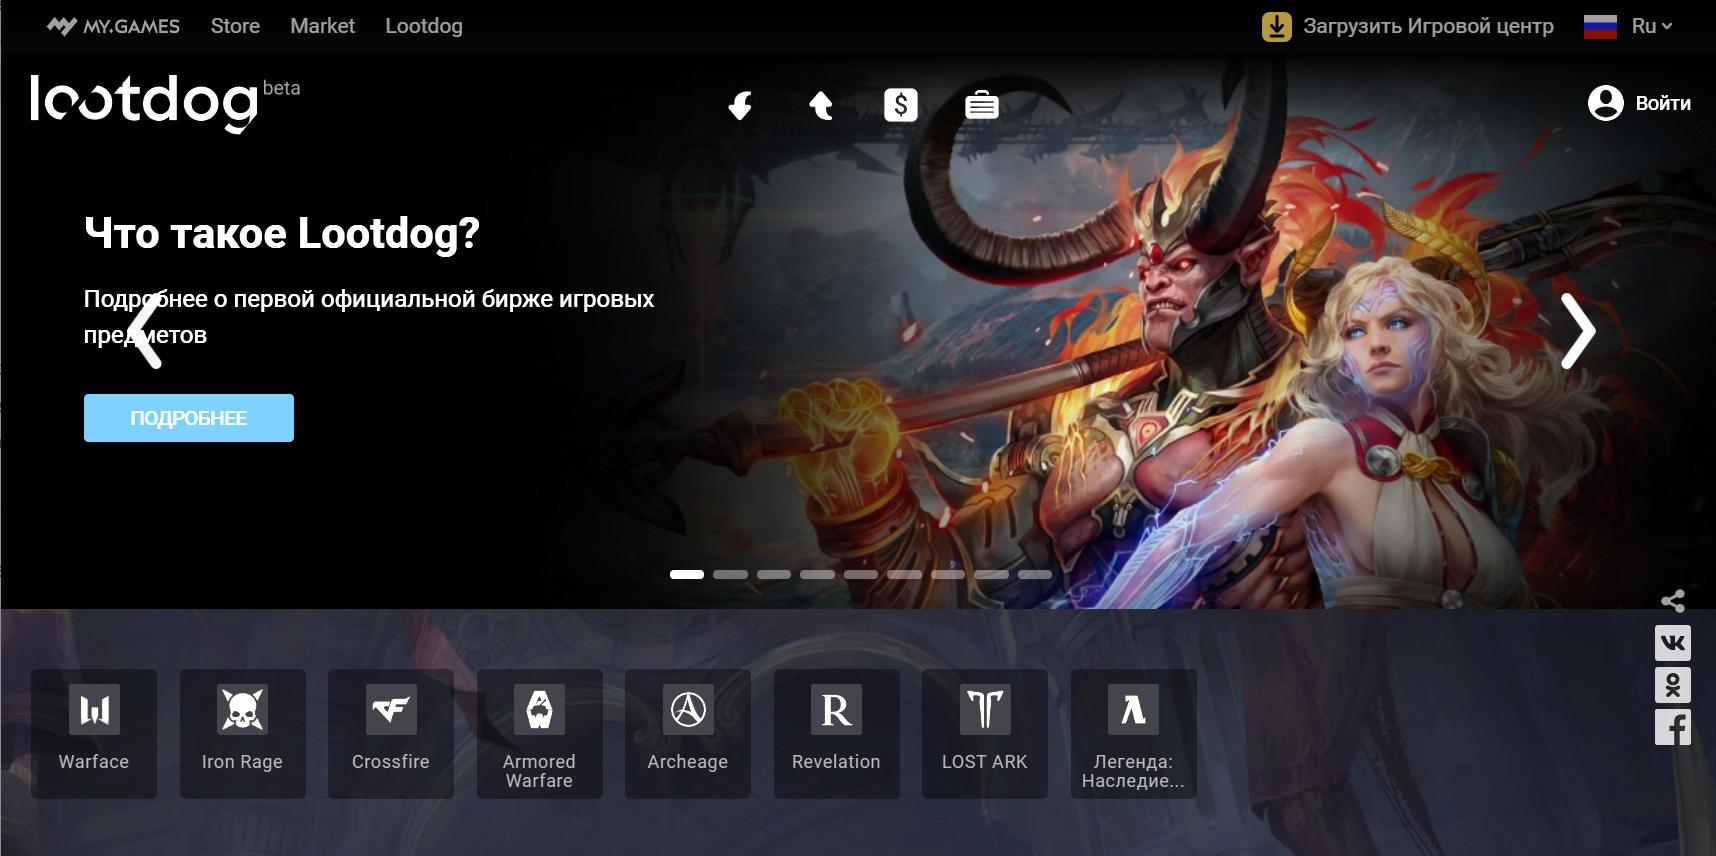 Как заработать на продаже виртуального инвентаря из любимых онлайн-игр